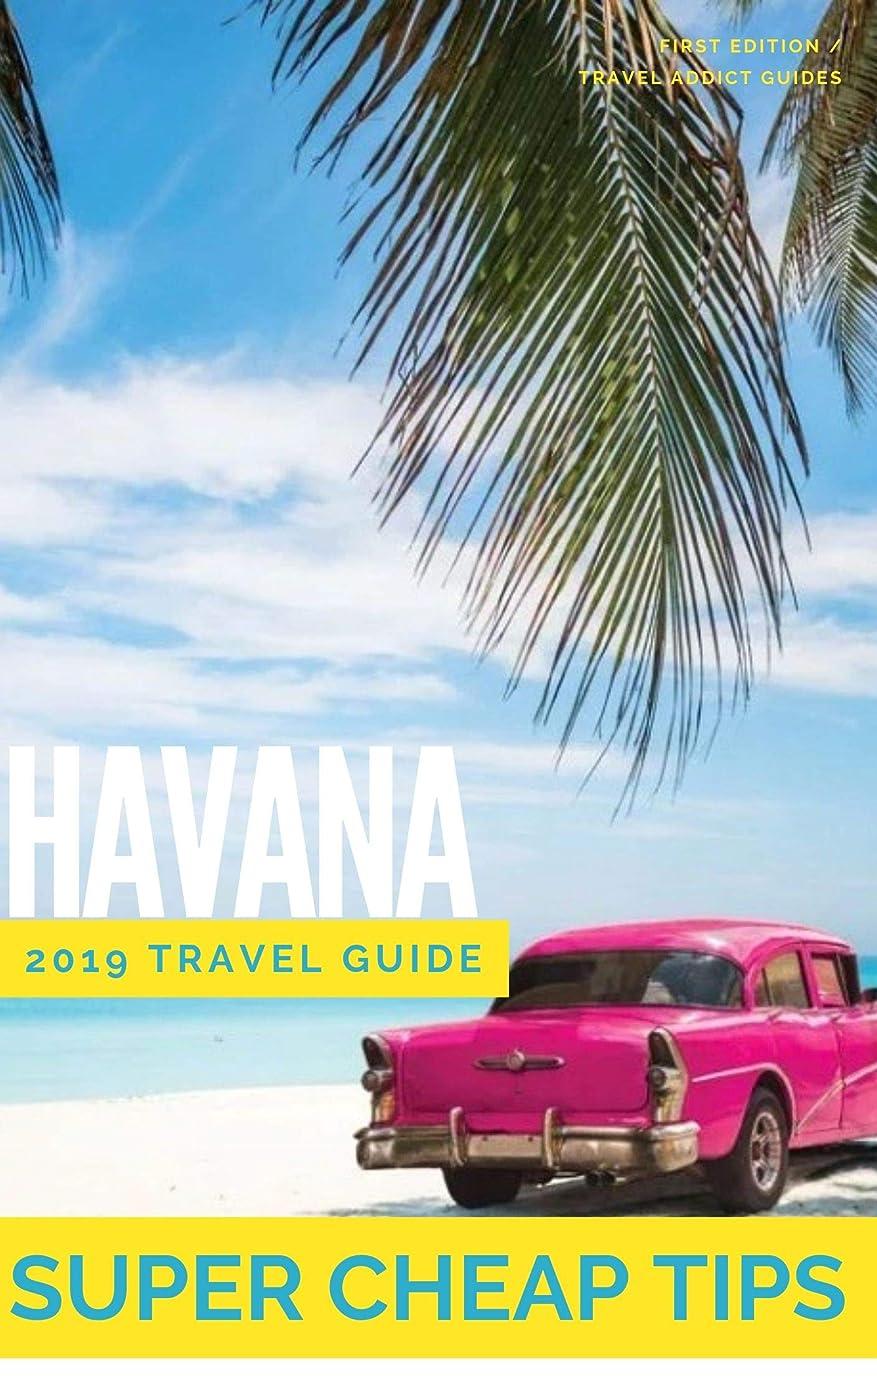 接続された最も従事するSuper Cheap Havana - Insider Travel Guide 2019: Enjoy a $1,000 trip to Havana for $195 (Super Cheap Insider Guides) (English Edition)